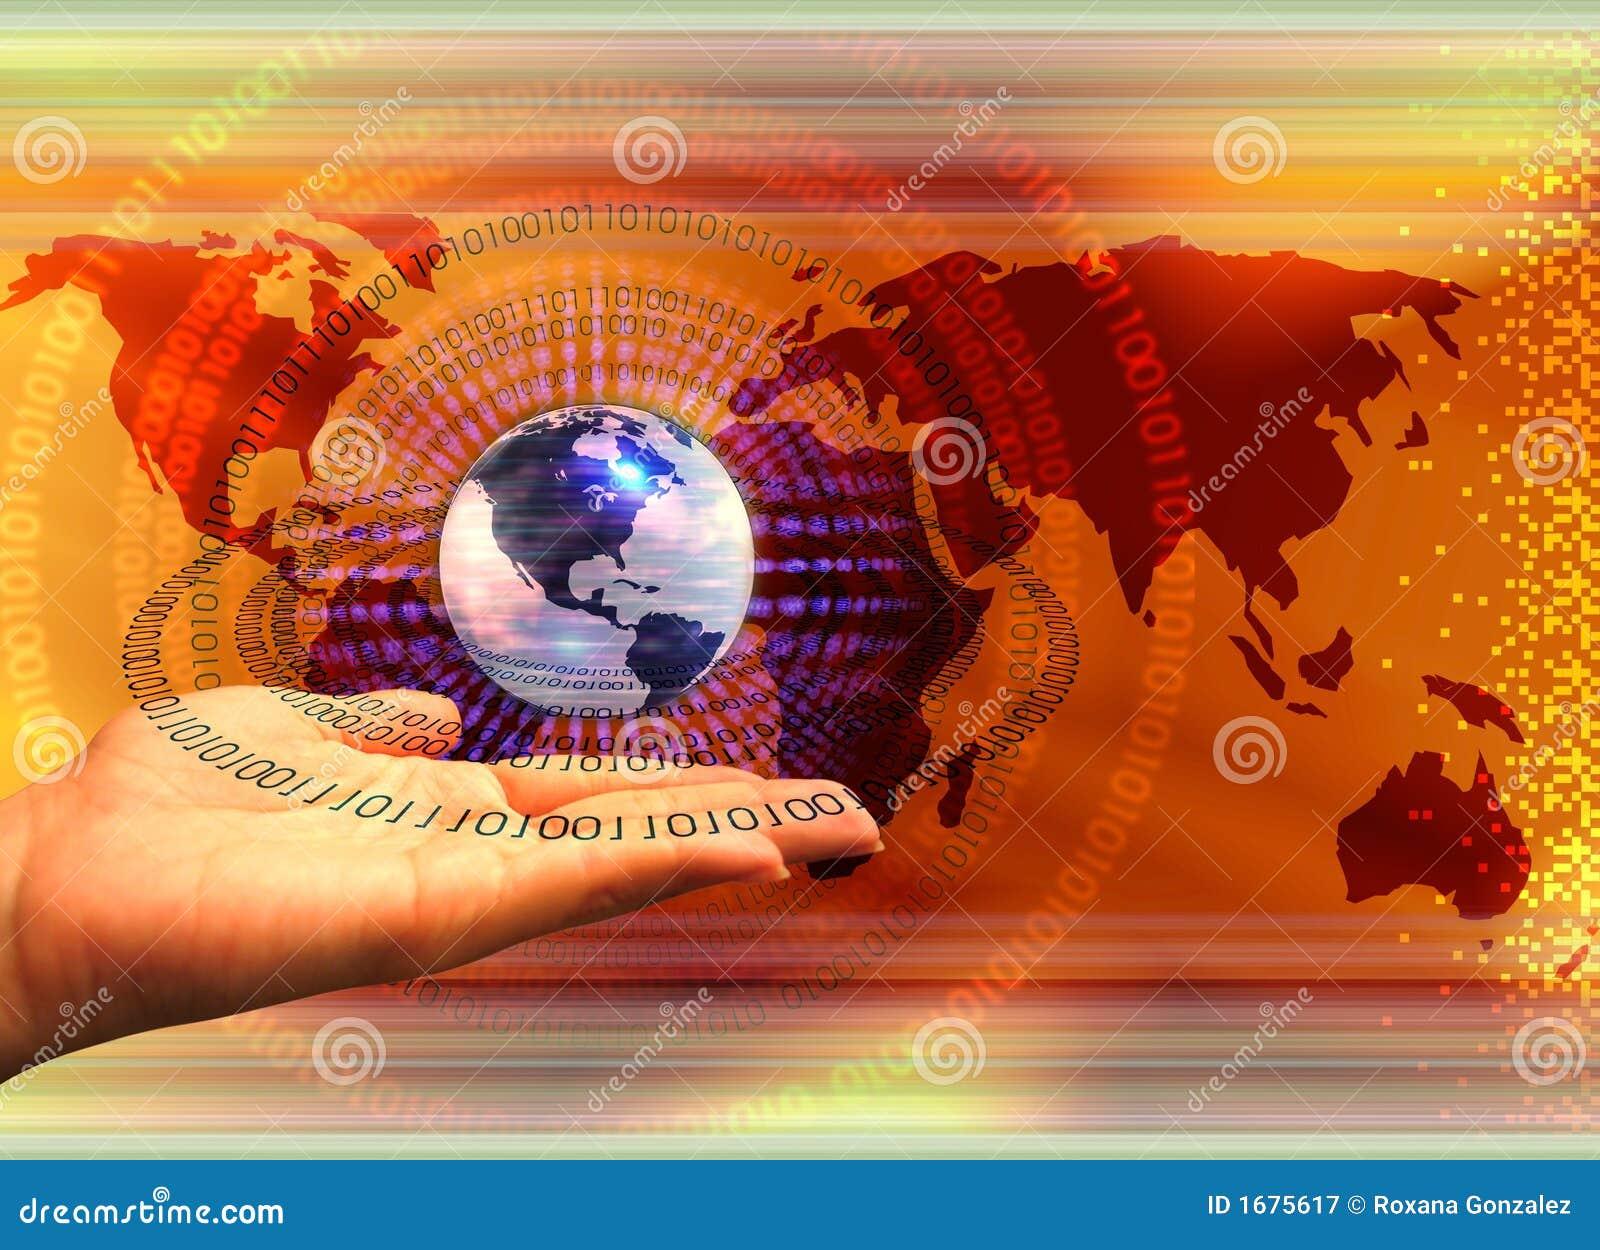 Pojęcia komputerowego globalnej technologii